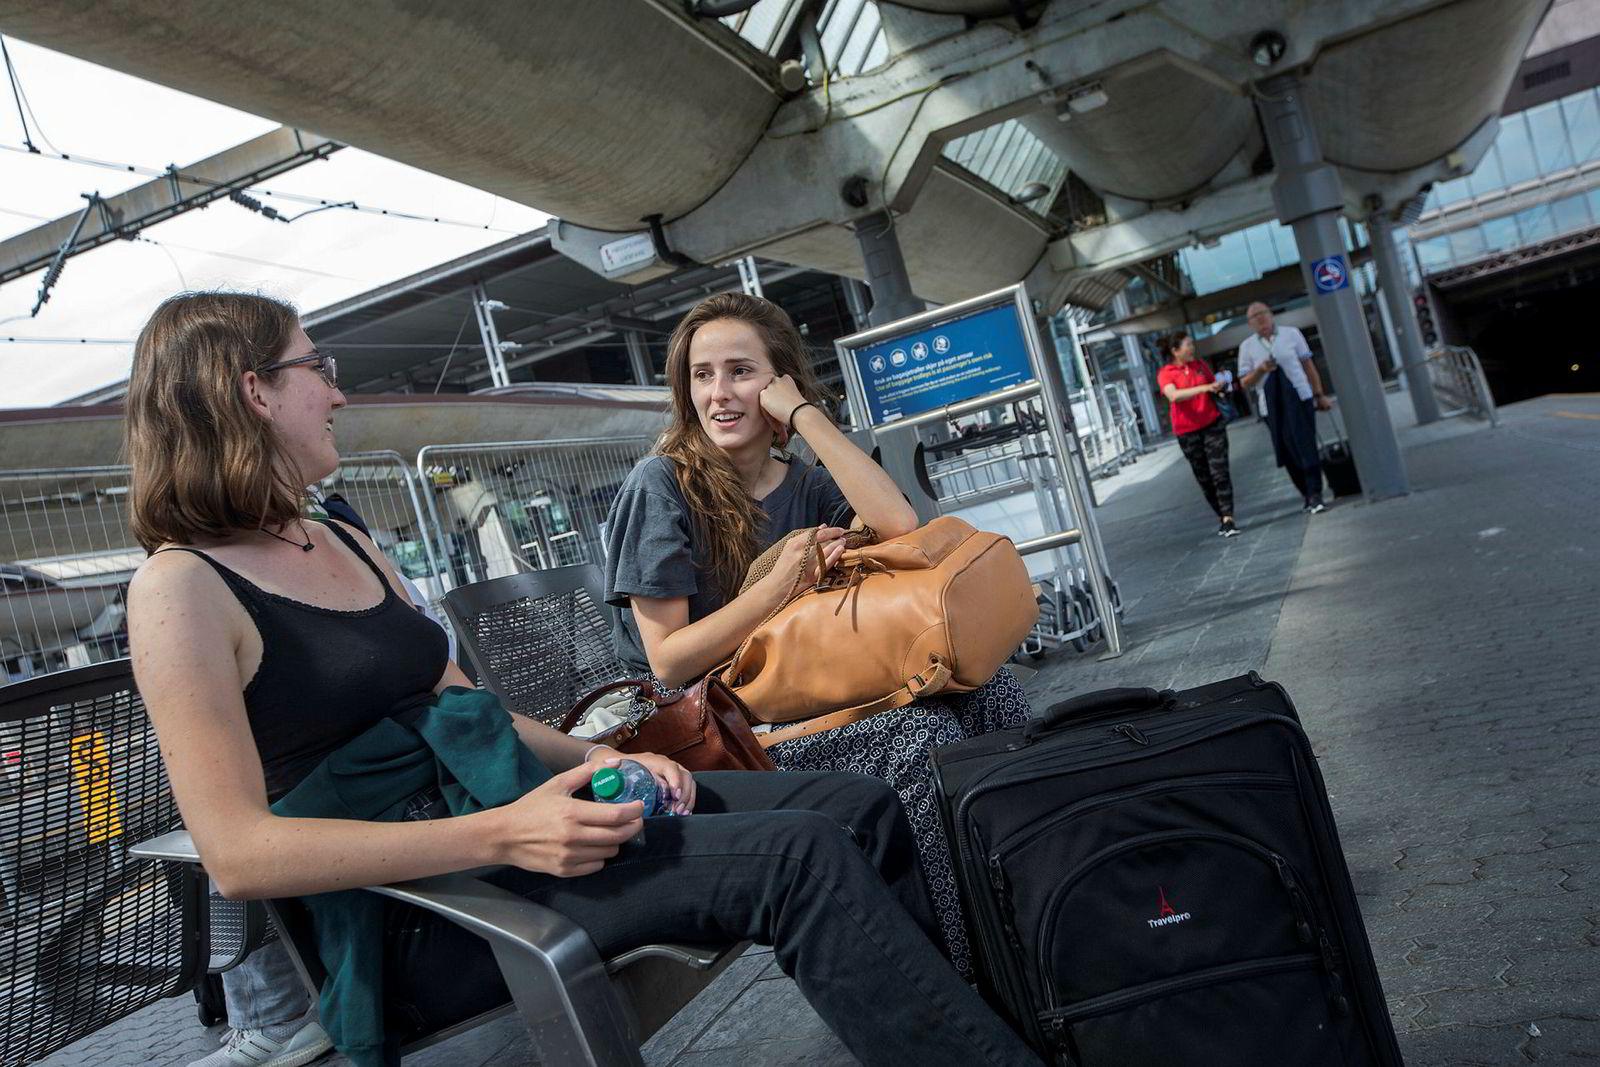 Elin Sødahl (fra venstre) og Lena Myklebust har begge opplevd forsinkelser på flyturer, men ingen av dem har sendt inn klage. Myklebust forteller at hun vurderte det sterkt da hun ved forrige flytur endte med å måtte sove på flyplassen.